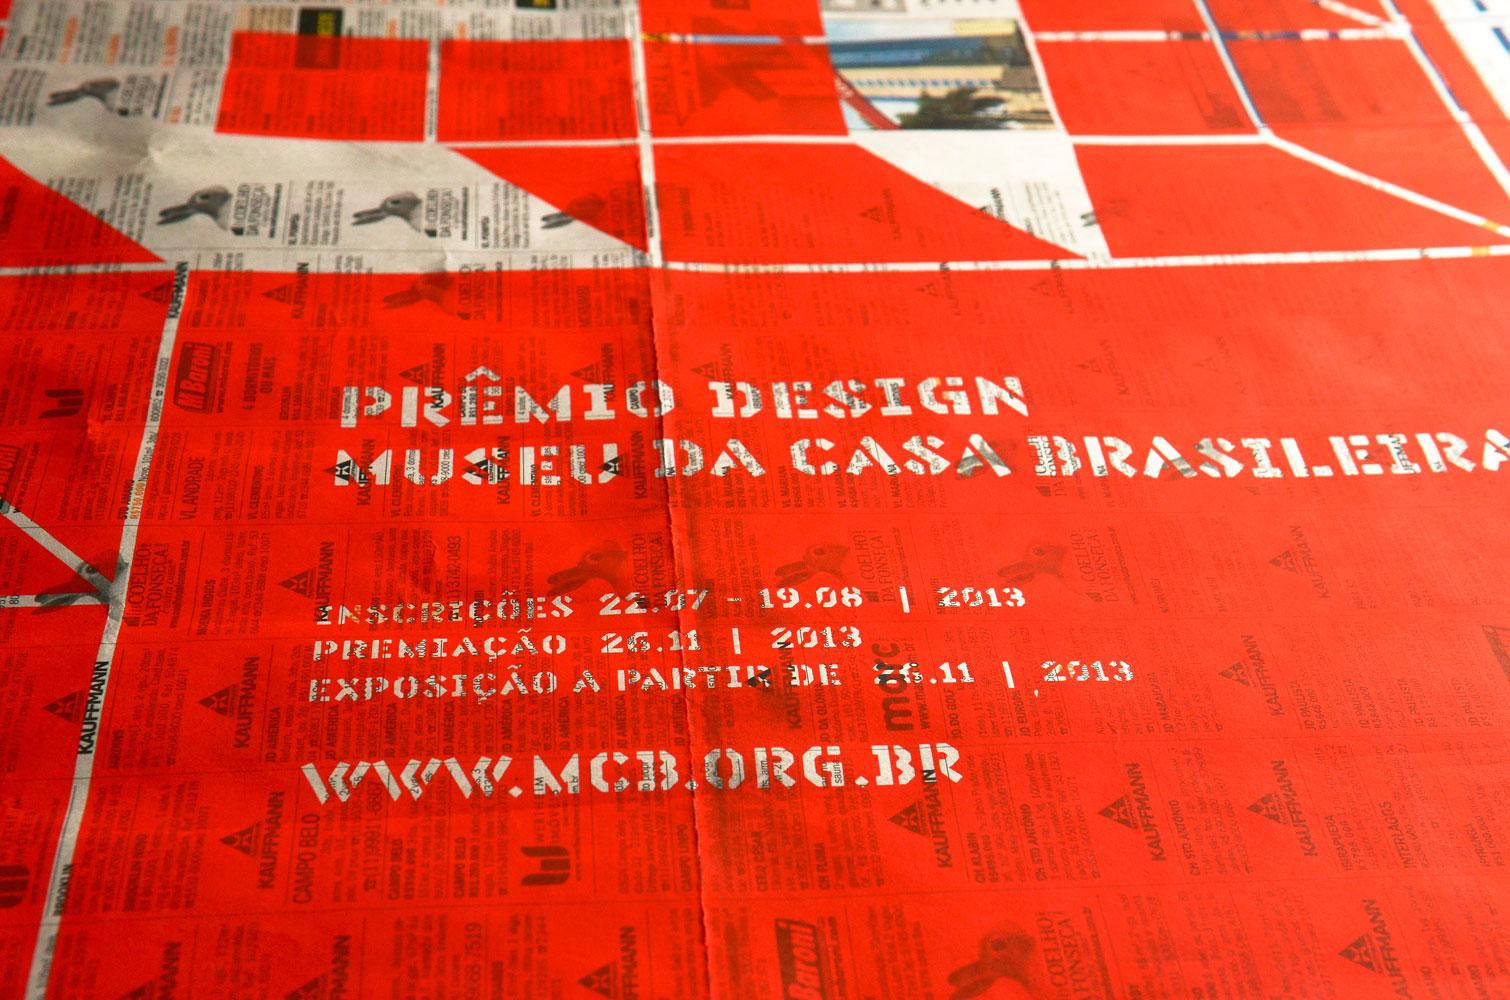 cartaz selecionado   detalhe